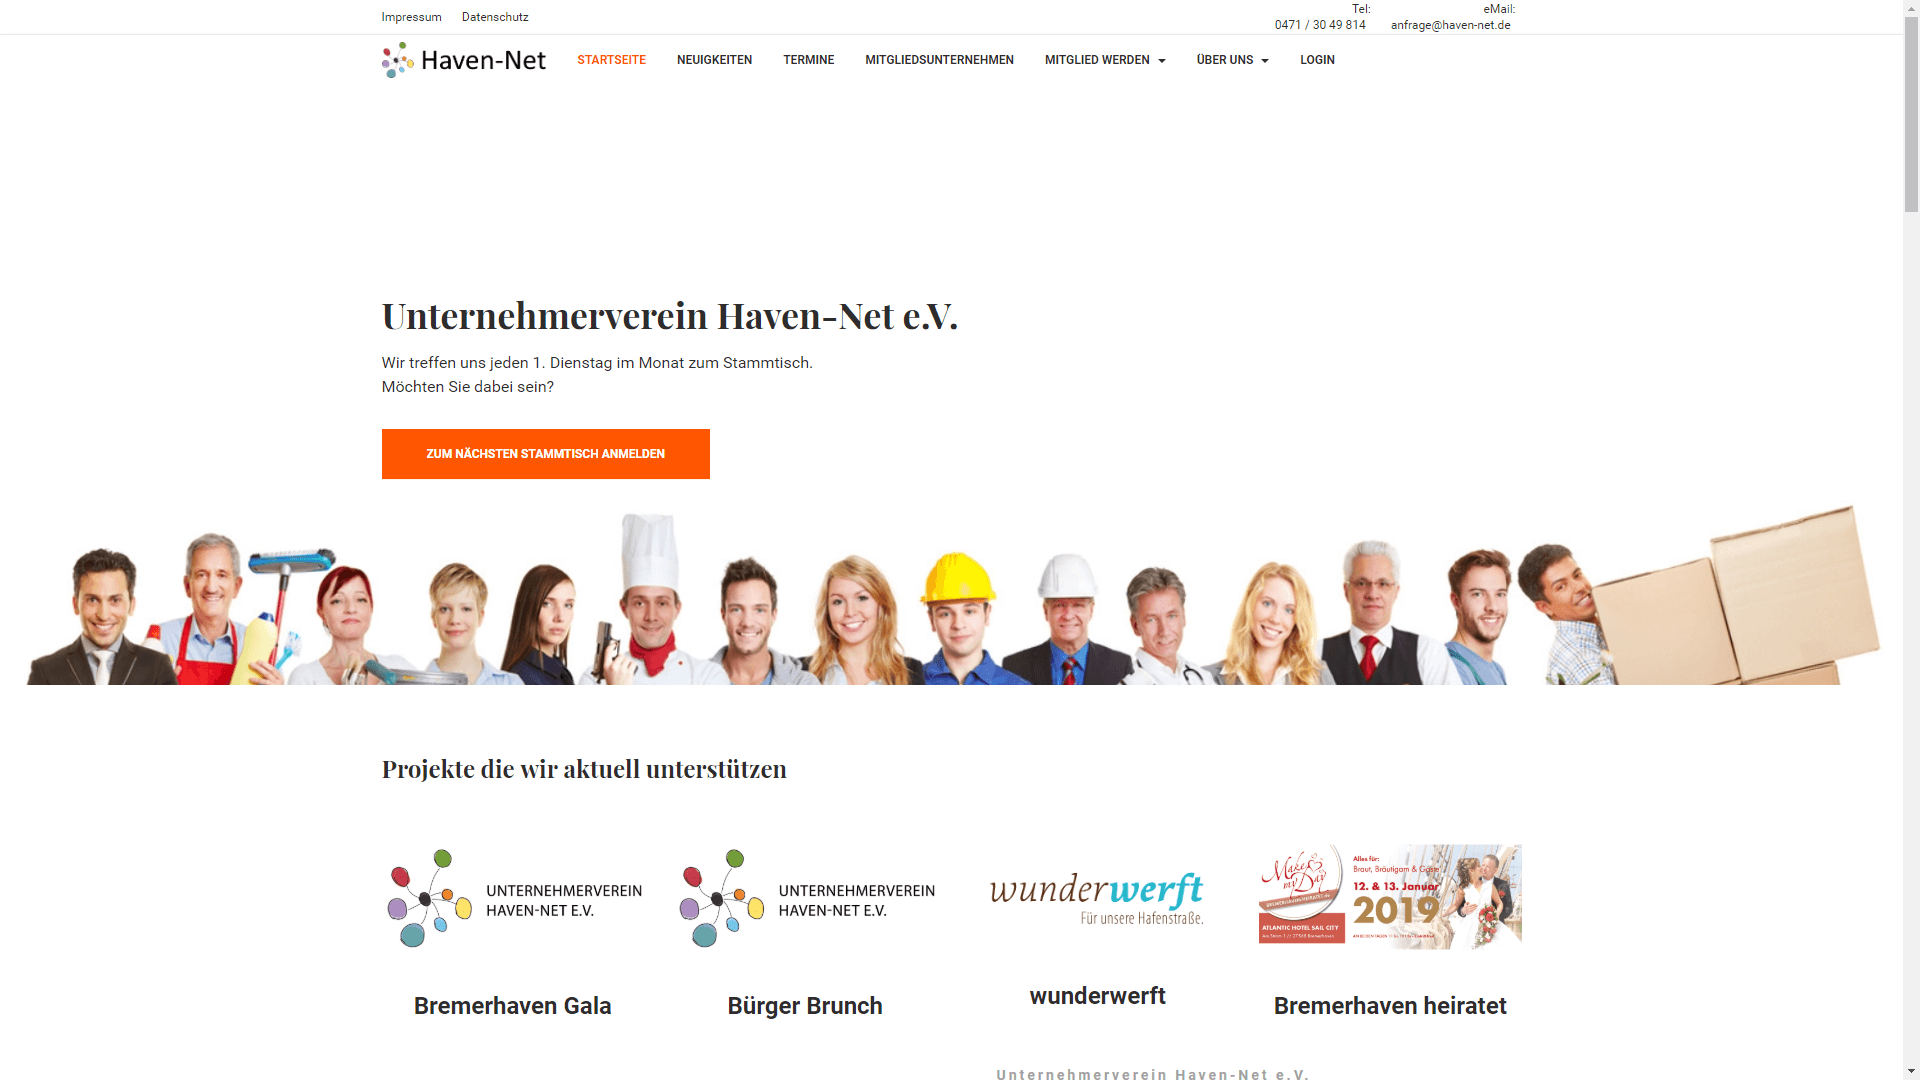 Verein - Unternehmerverein Haven-Net e.V.